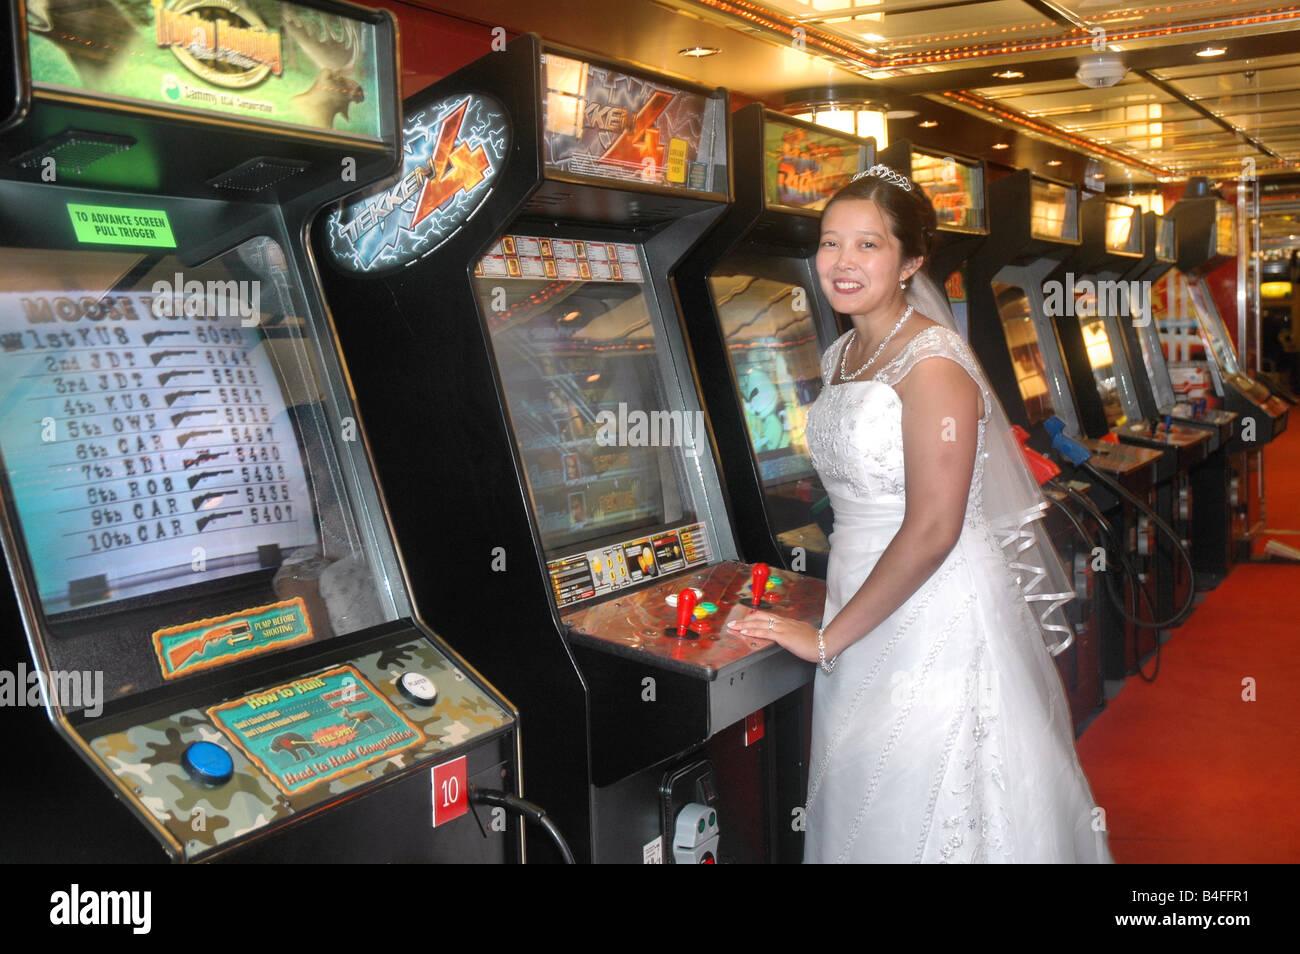 asiatische Braut im Hochzeitskleid video-Arcade-Spiel auf ...